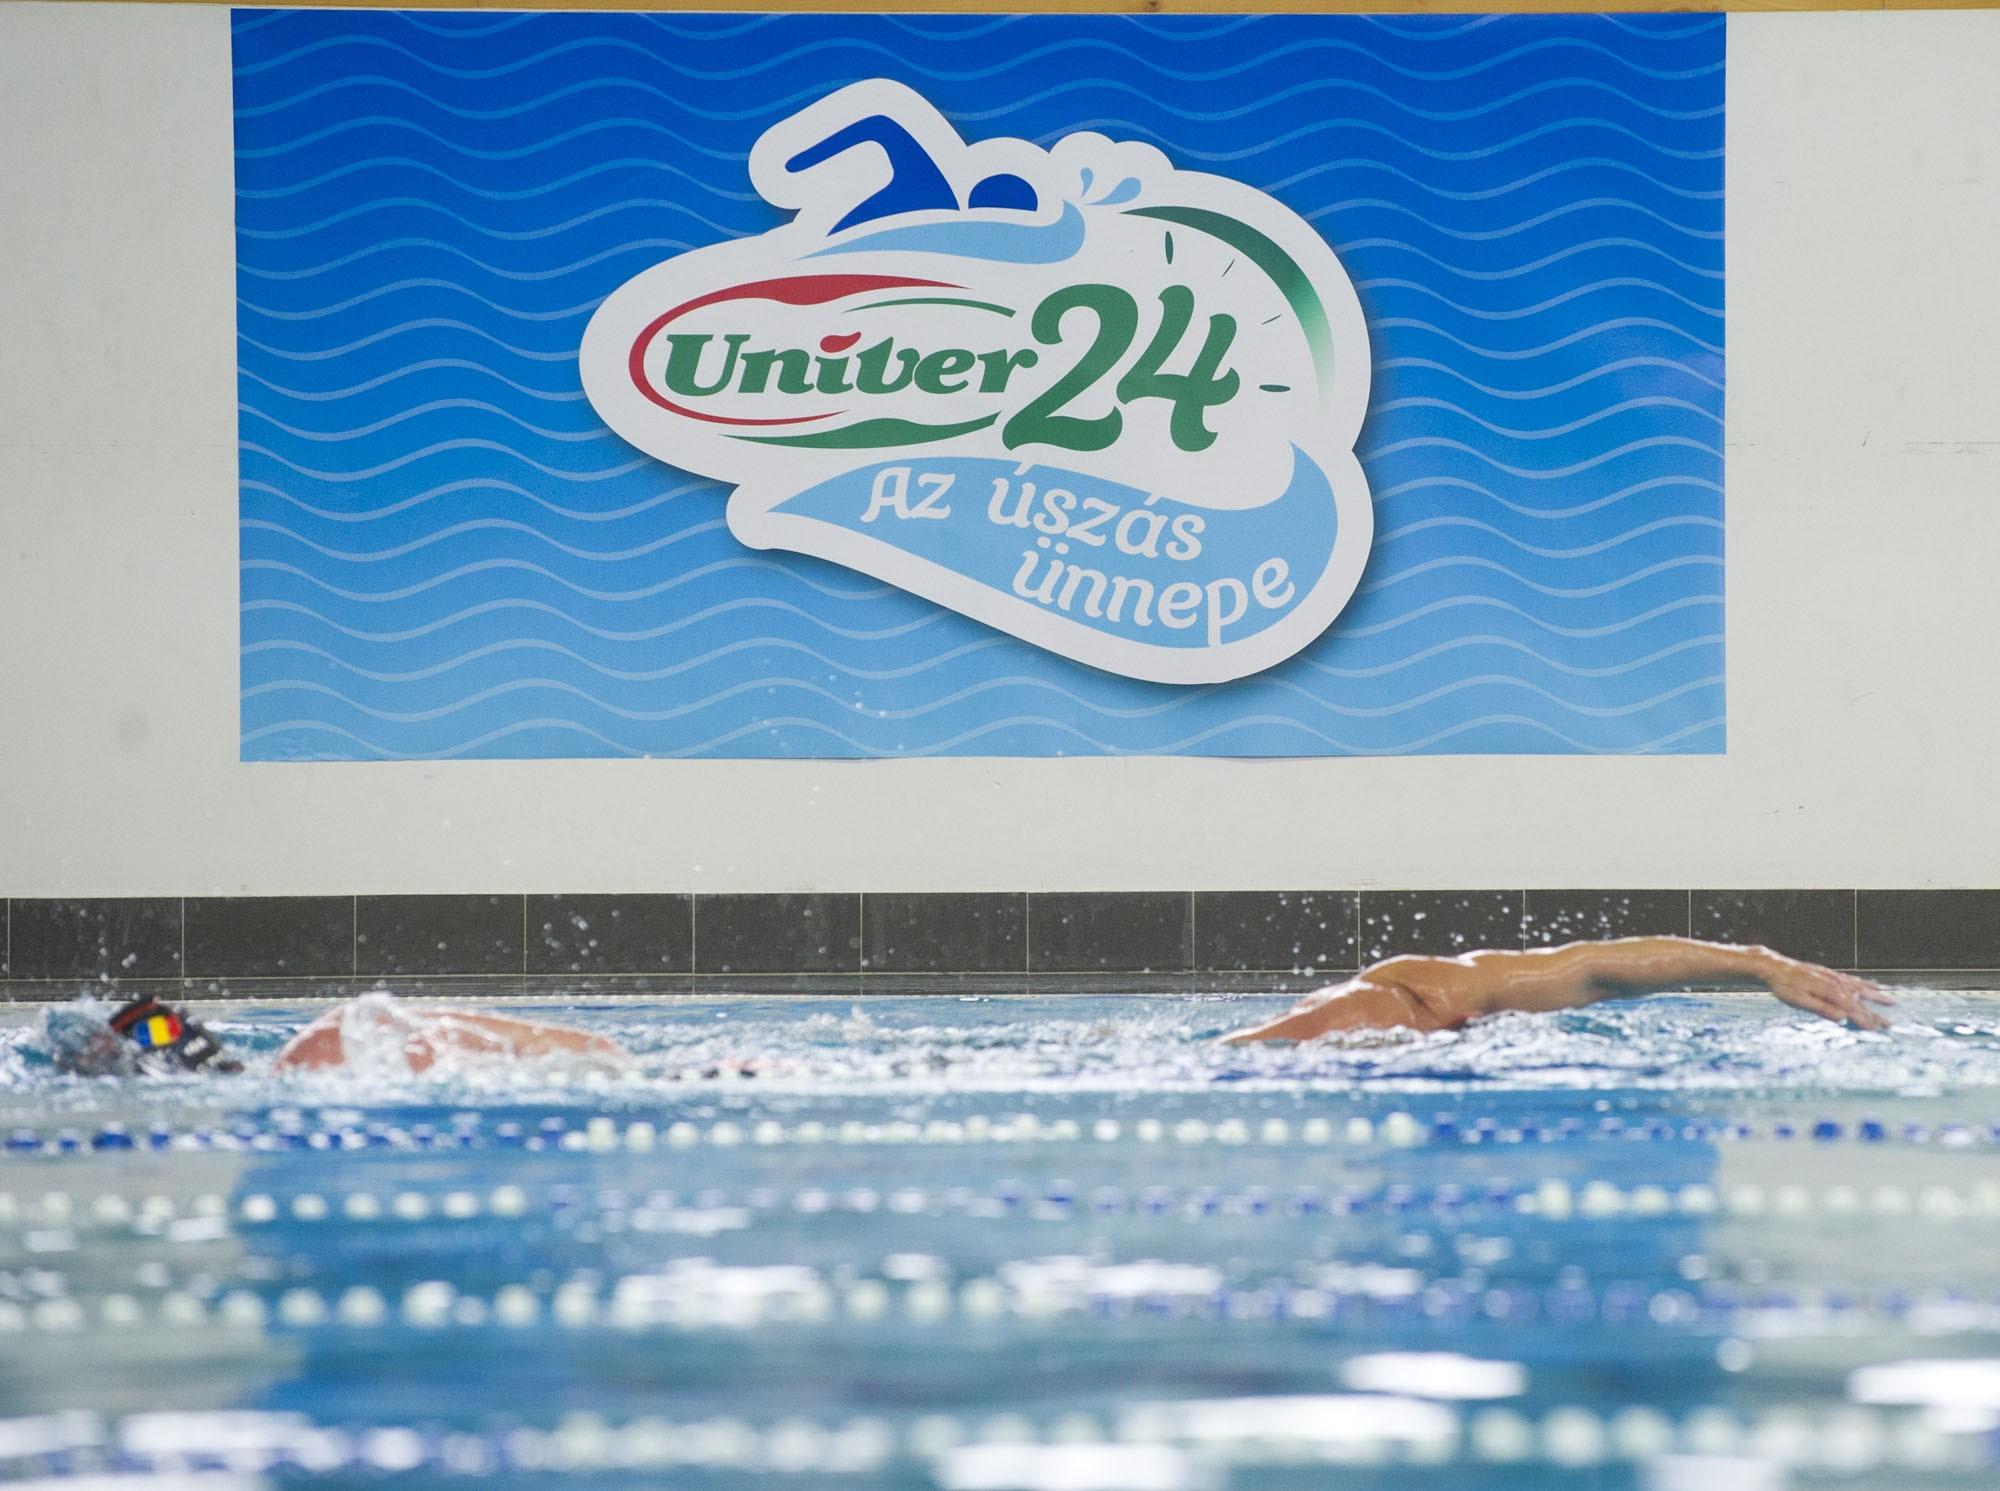 Ismét 24 órás megmérettetés lesz az Úszás ünnepén